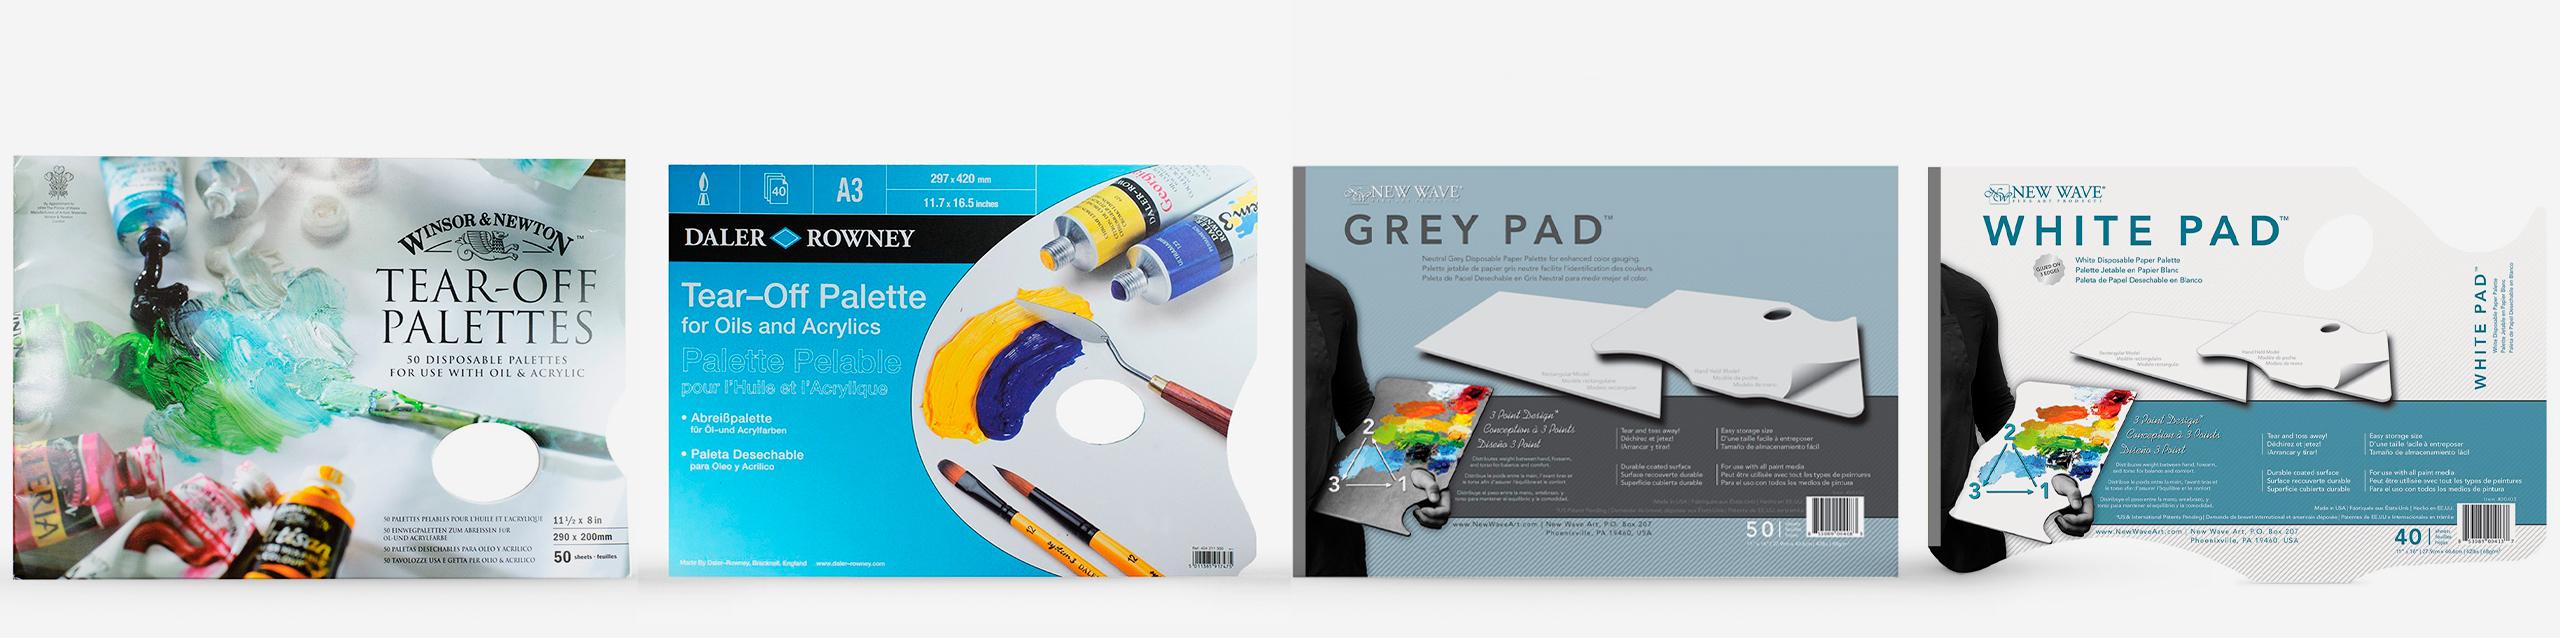 Tear Off Palettes L-R: Winsor & Newton Tear Off Palette, Daler Rowney Tear Off Palette, New Wave Grey Tear Off Palette, New Wave White Tear Off Palette